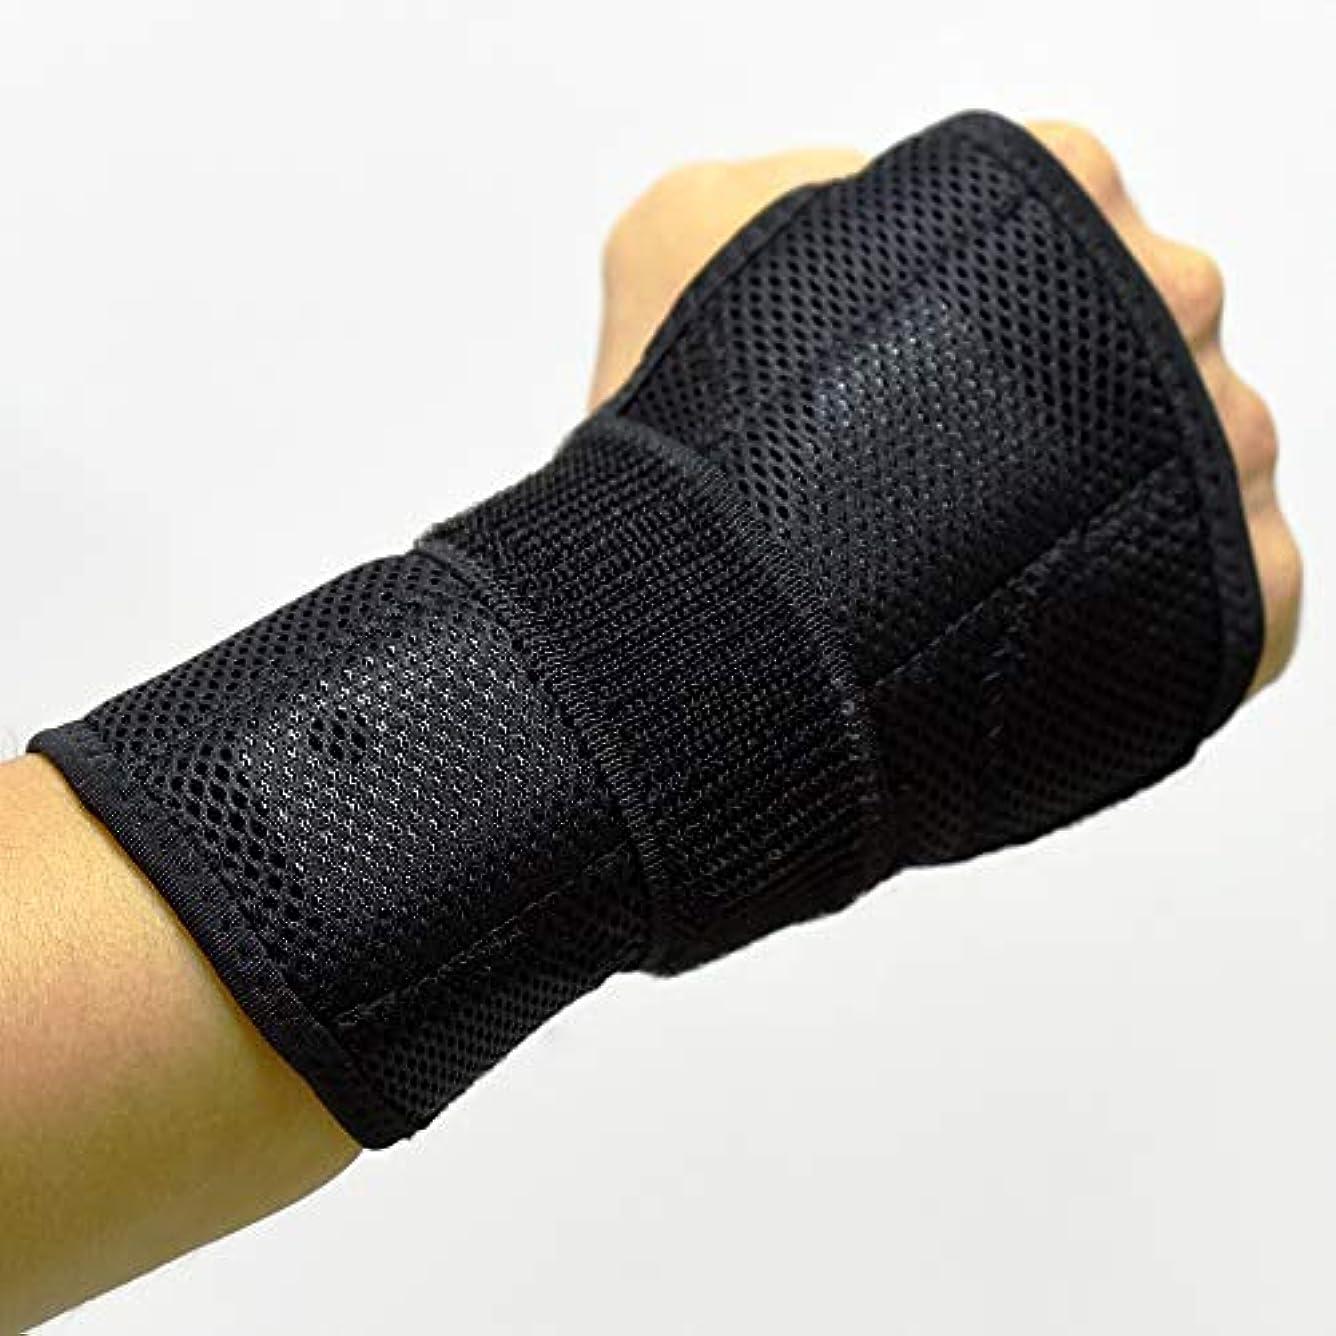 百万土砂降り足首手首サポートスプリントブレース、調節可能な 手首ブレーススプリントは、怪我、スポーツ、ジム、繰り返しの緊張などに対応します デザイン,Lefthand